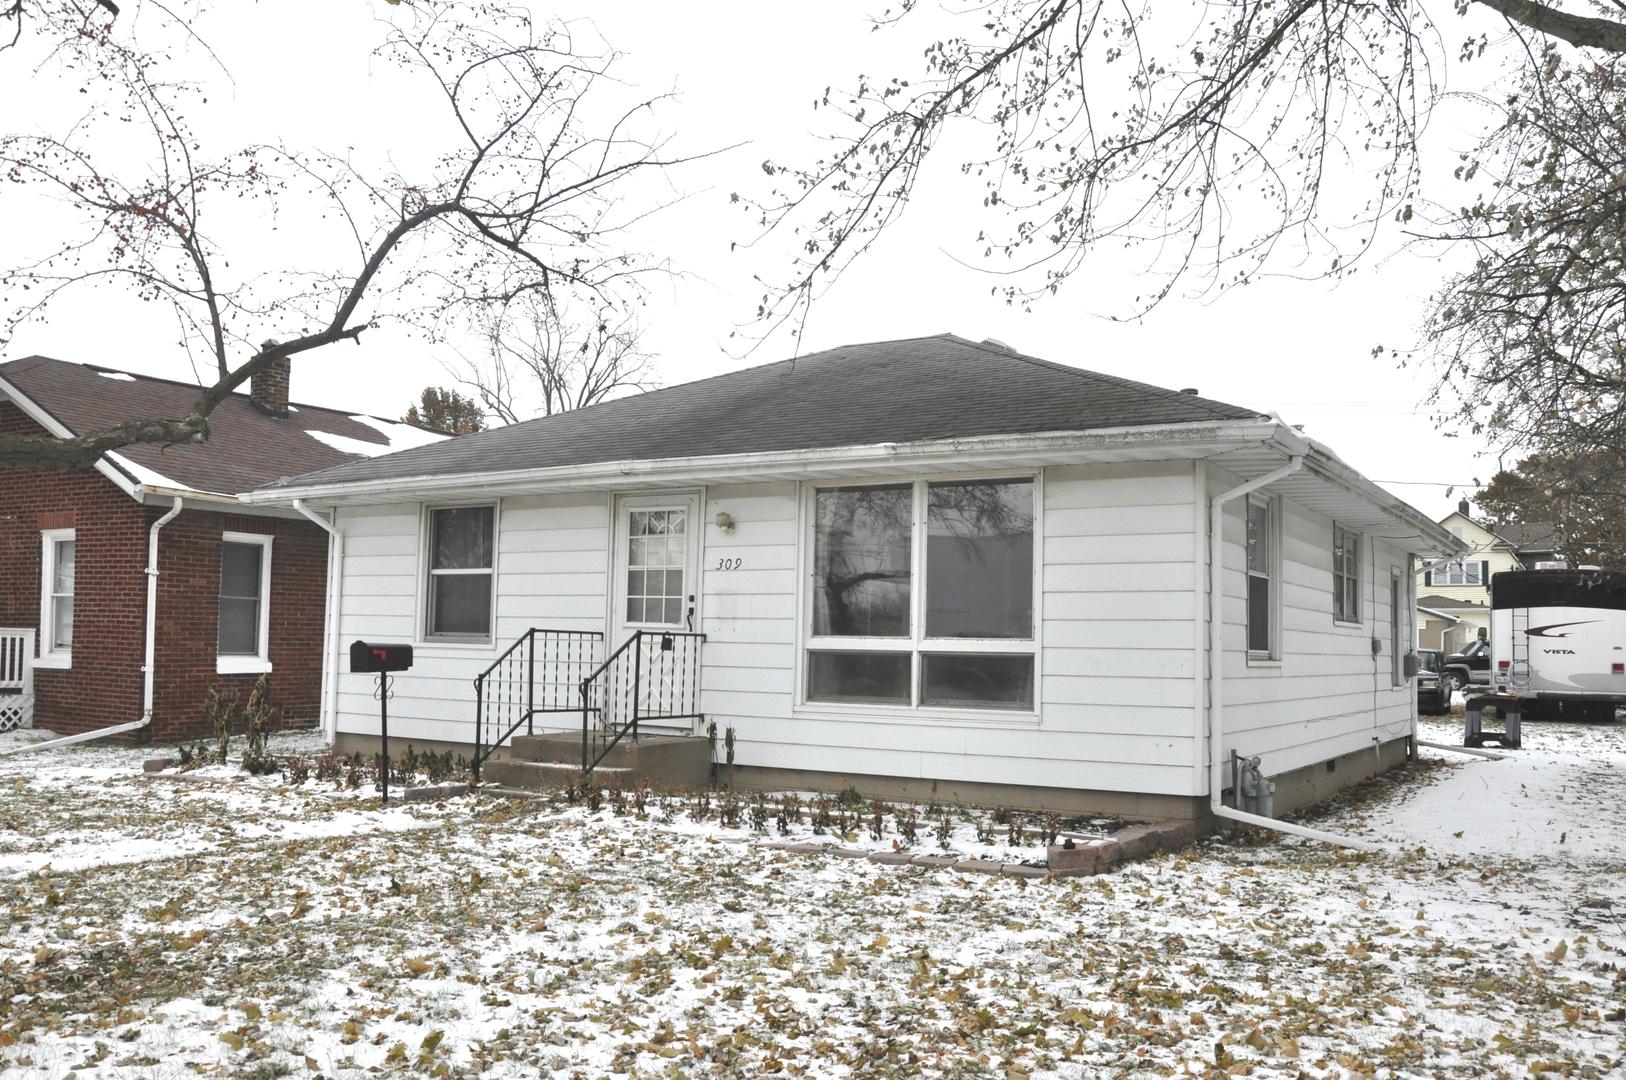 309 Iowa, Streator, Illinois, 61364